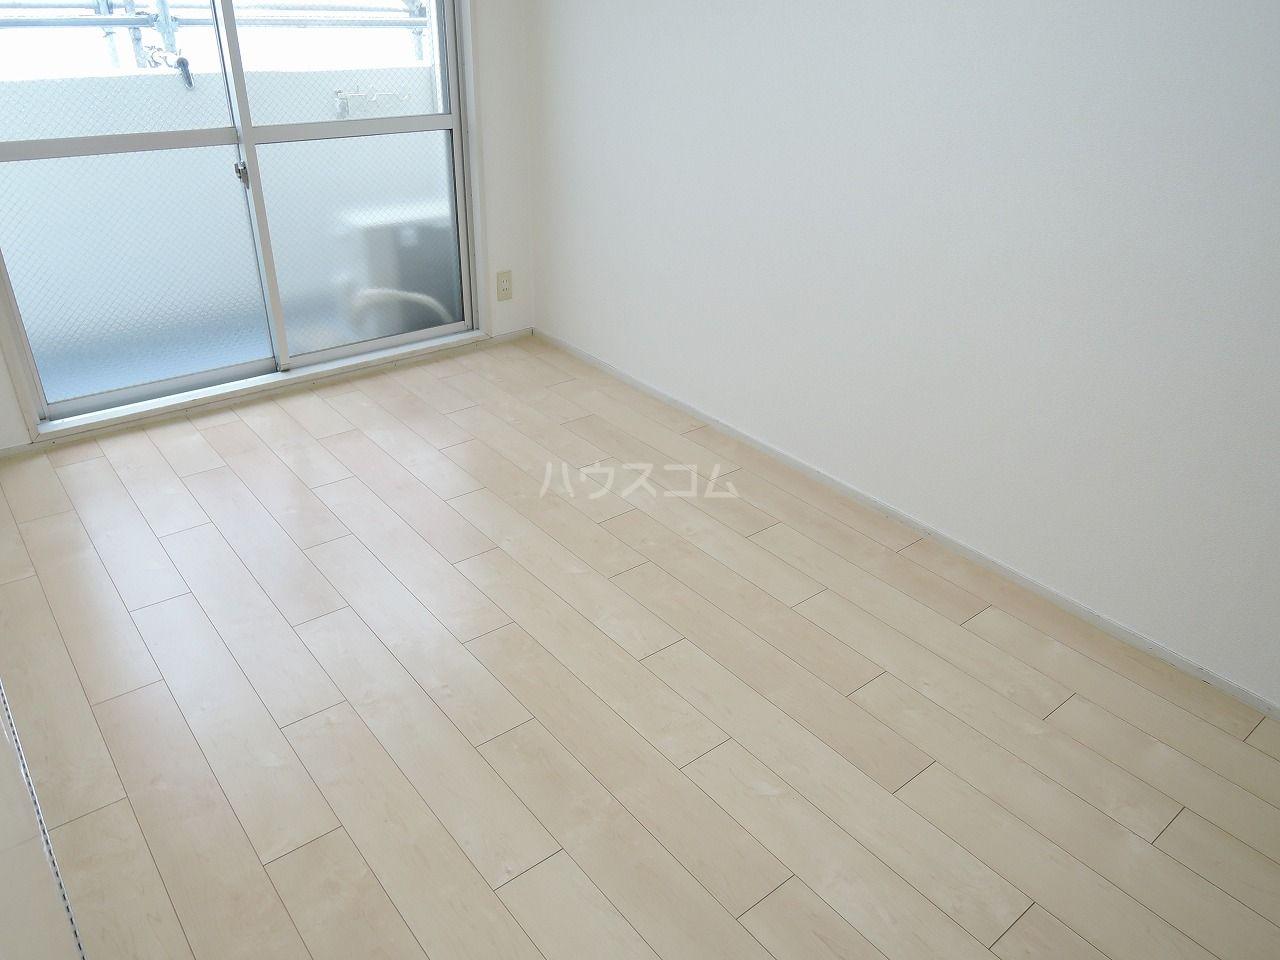 ロマネスク箱崎 401号室のベッドルーム